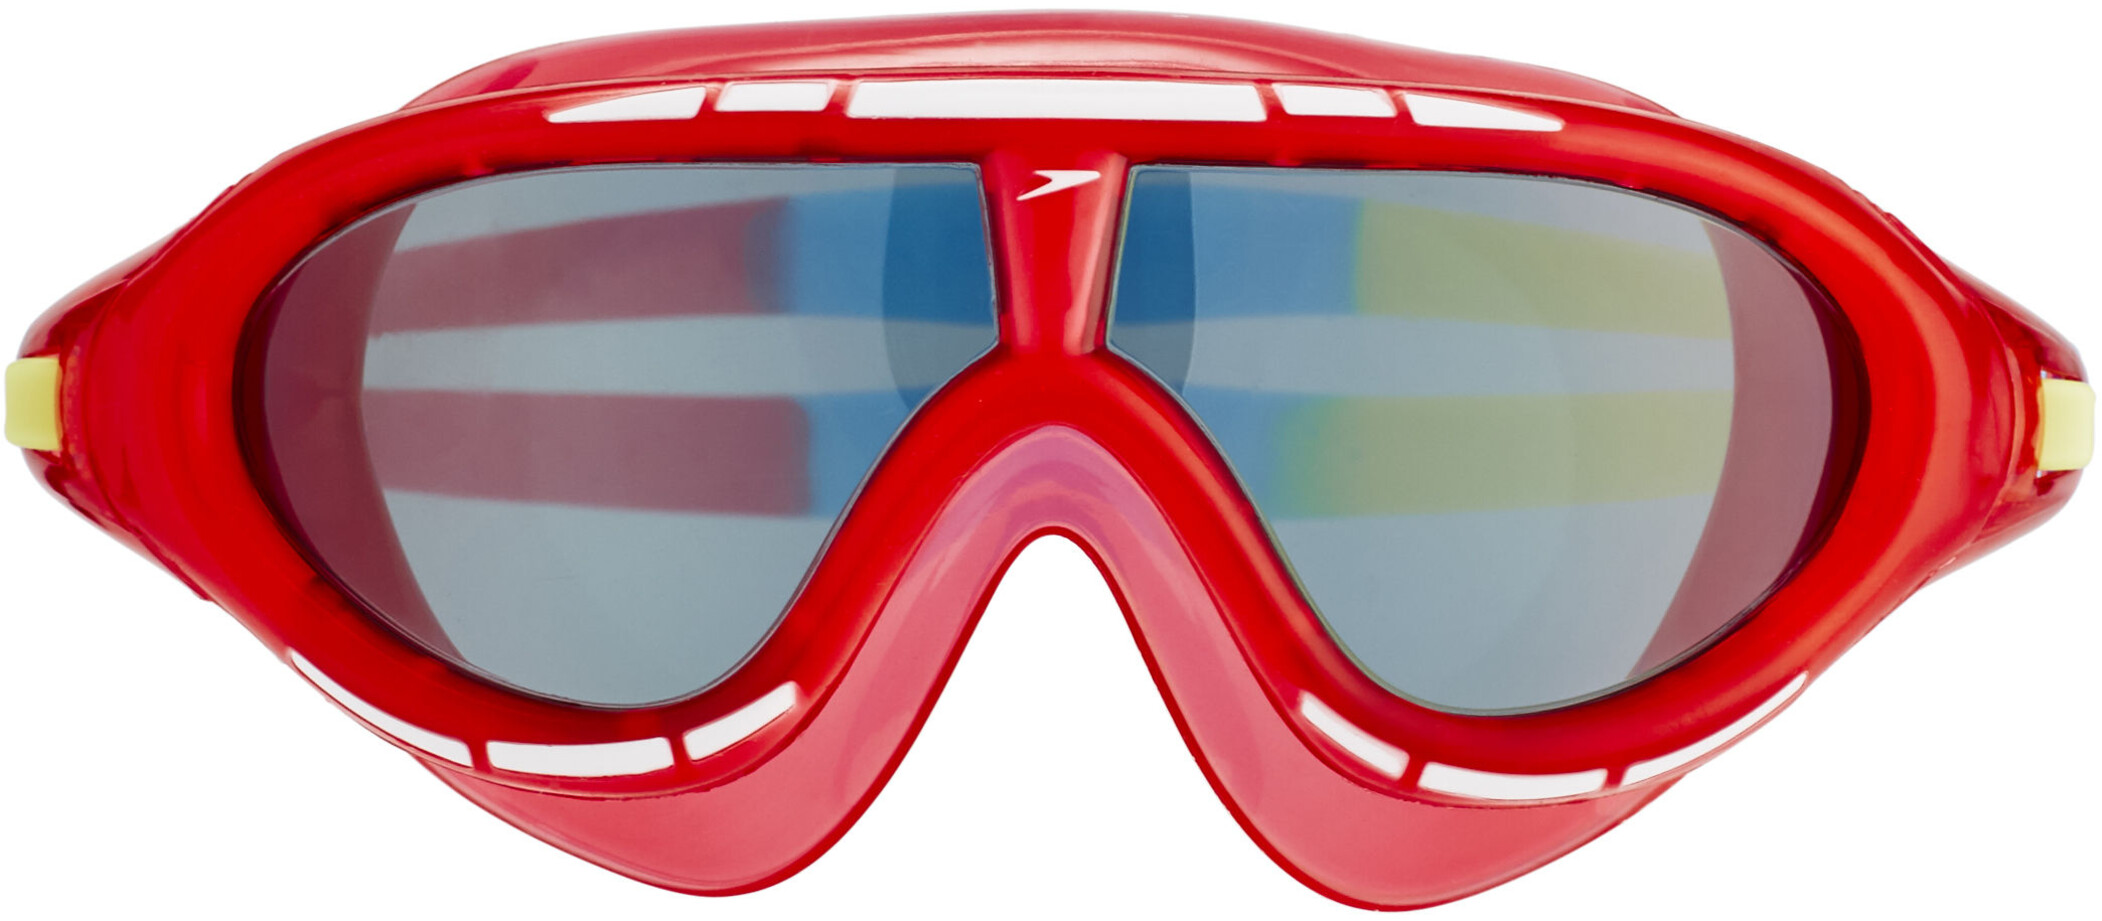 speedo Biofuse Rift Simglasögon Barn röd blå - till fenomenalt pris ... f45308f3e5d8c